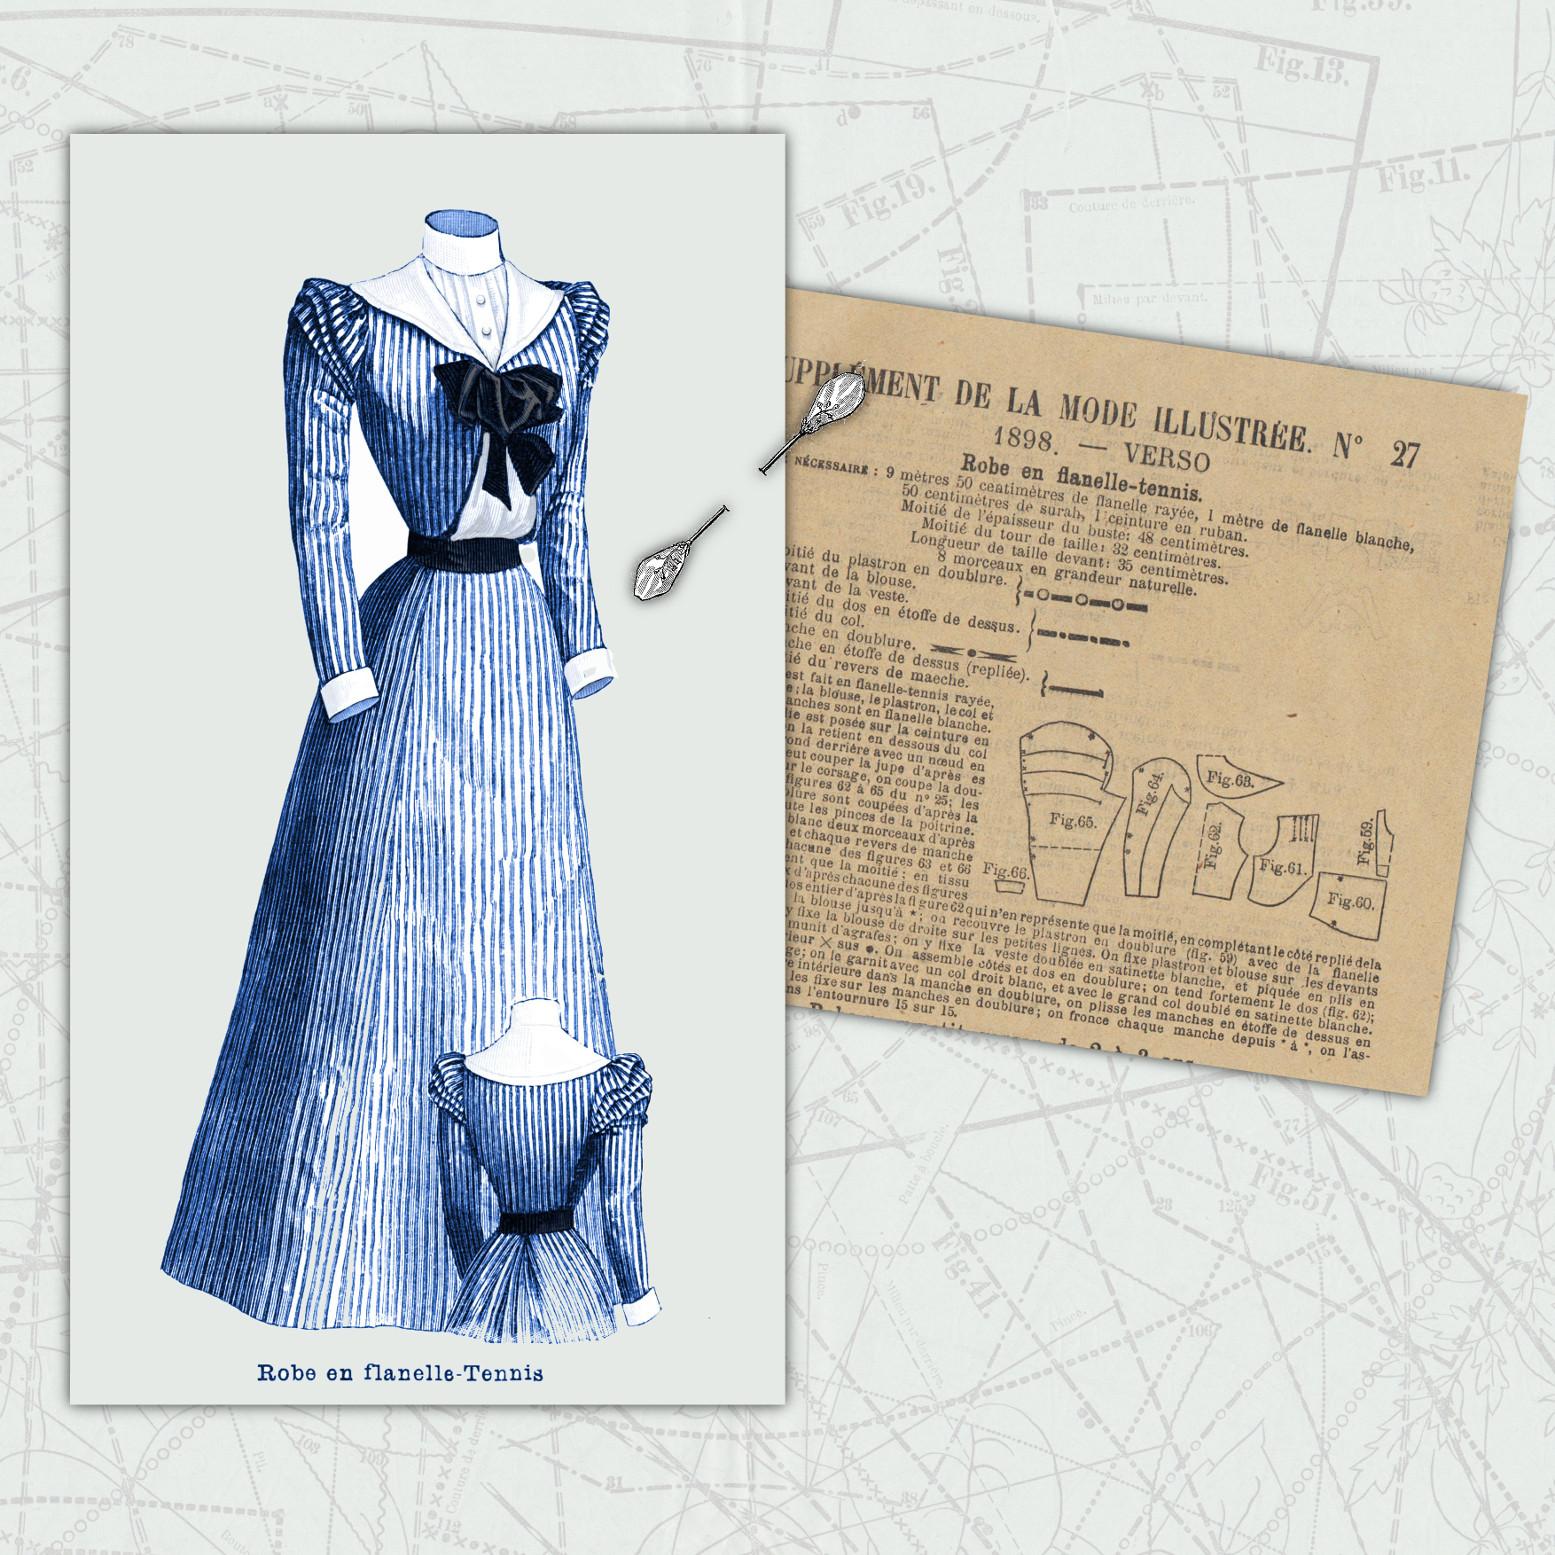 robe en flanelle 1898